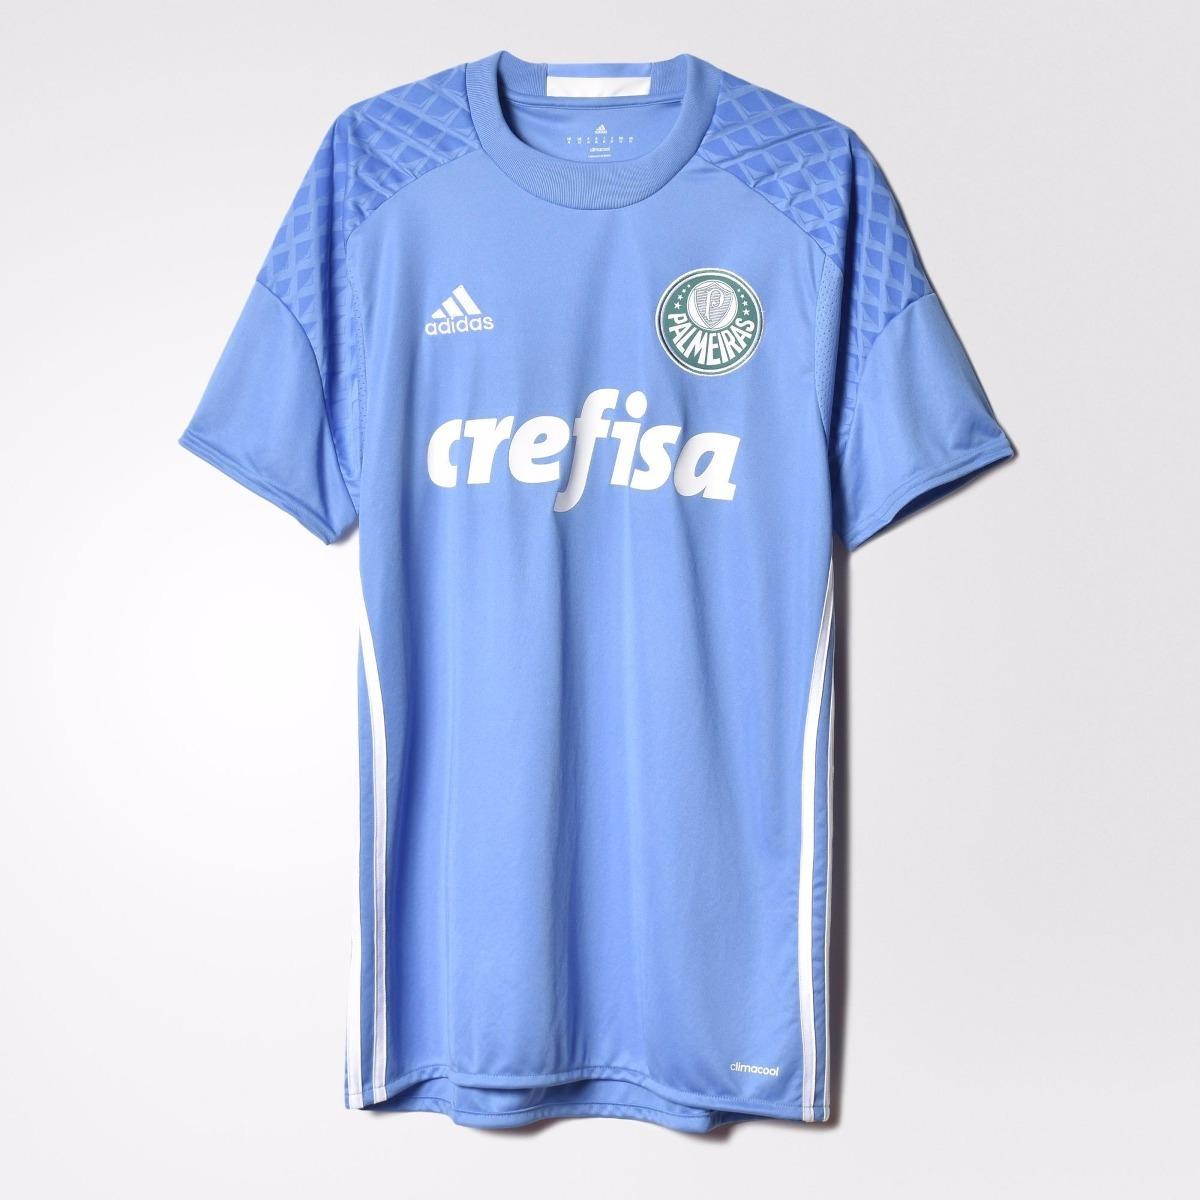 camisa palmeiras goleiro 16 17 azul original adidas original. Carregando  zoom. 402160ad14539